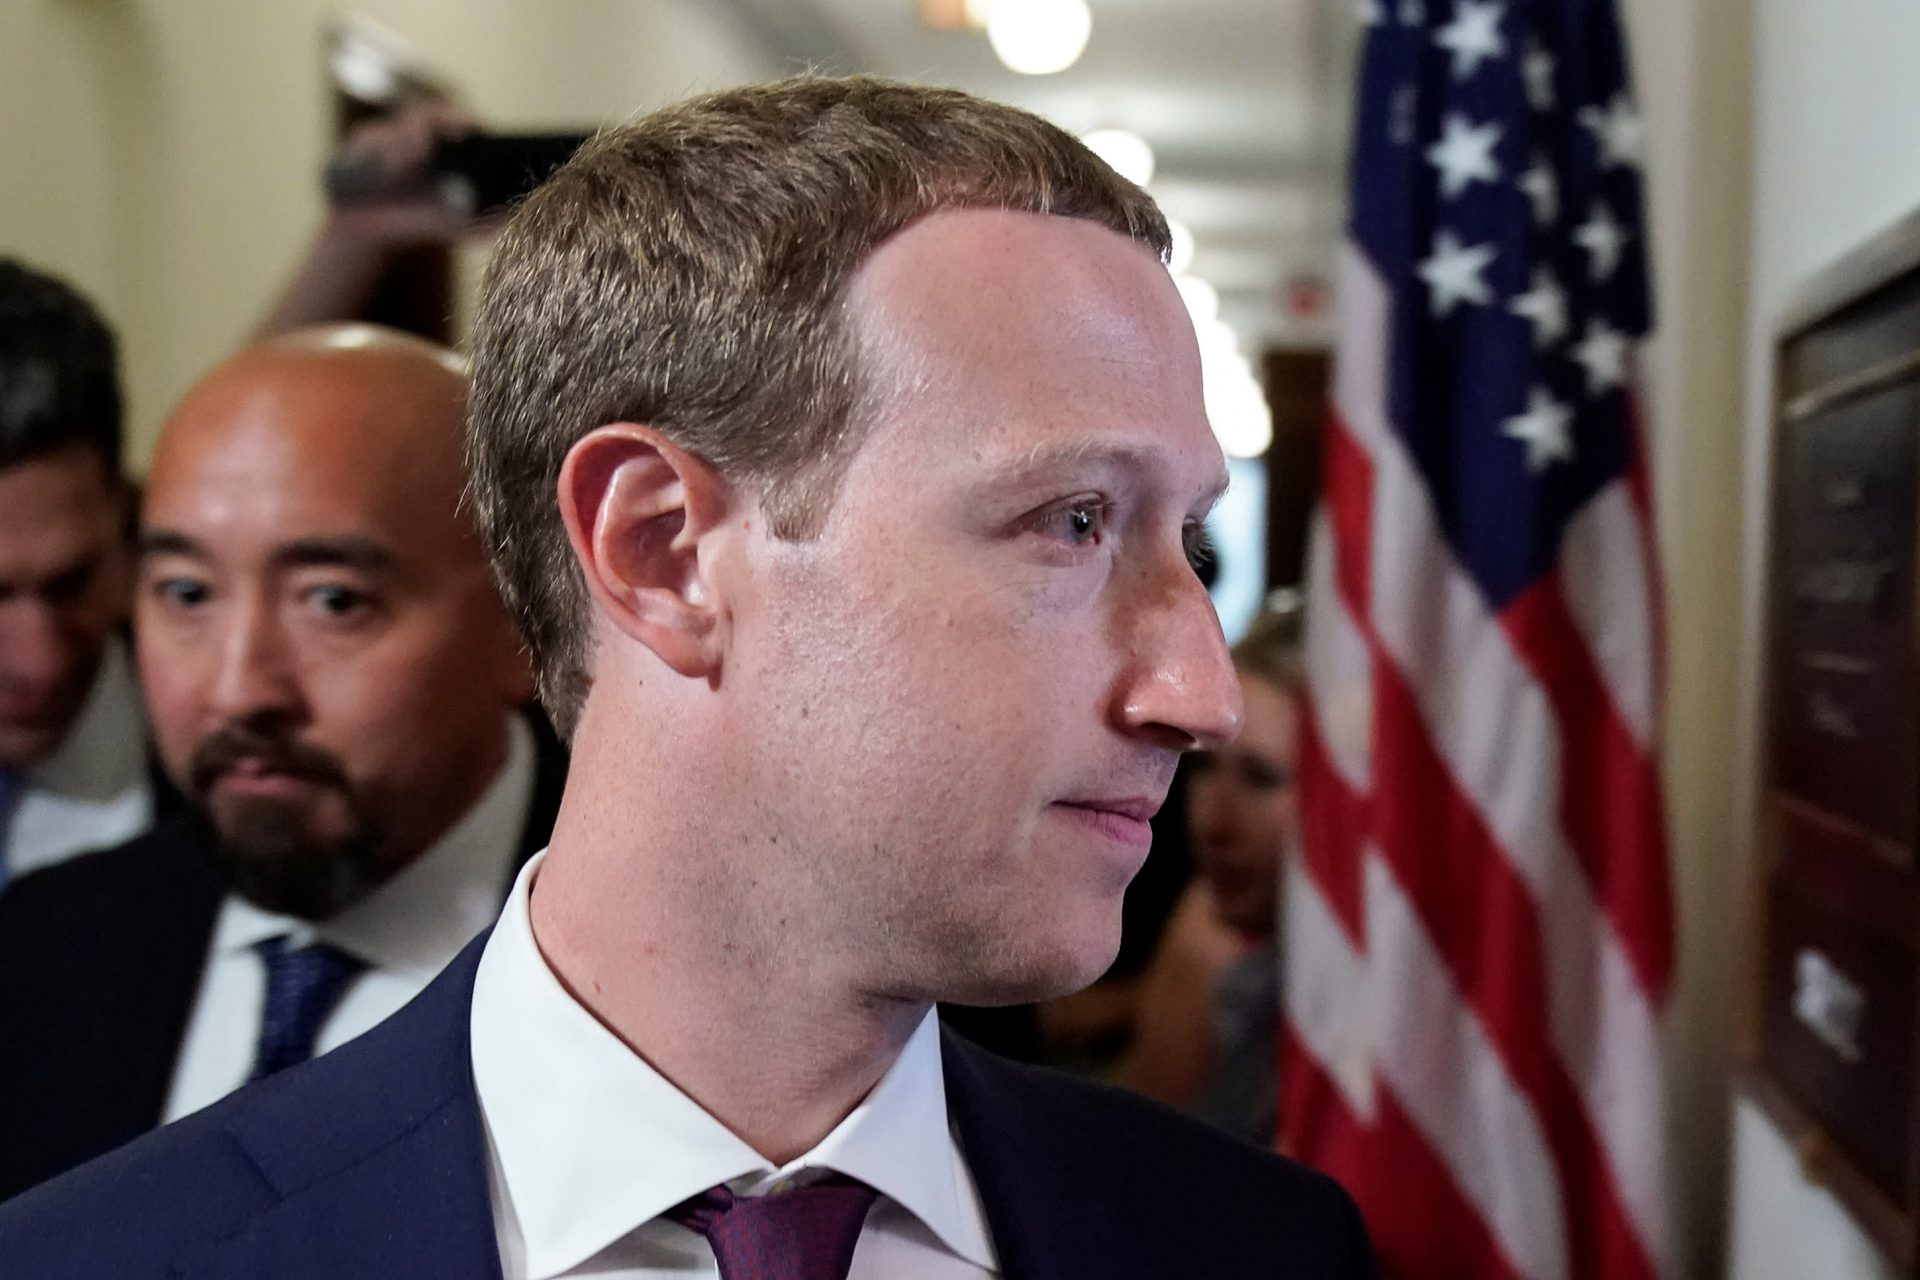 Numărul de telefon al lui Mark Zuckerberg s-ar fi aflat printre datele divulgate pe un site de hackeri